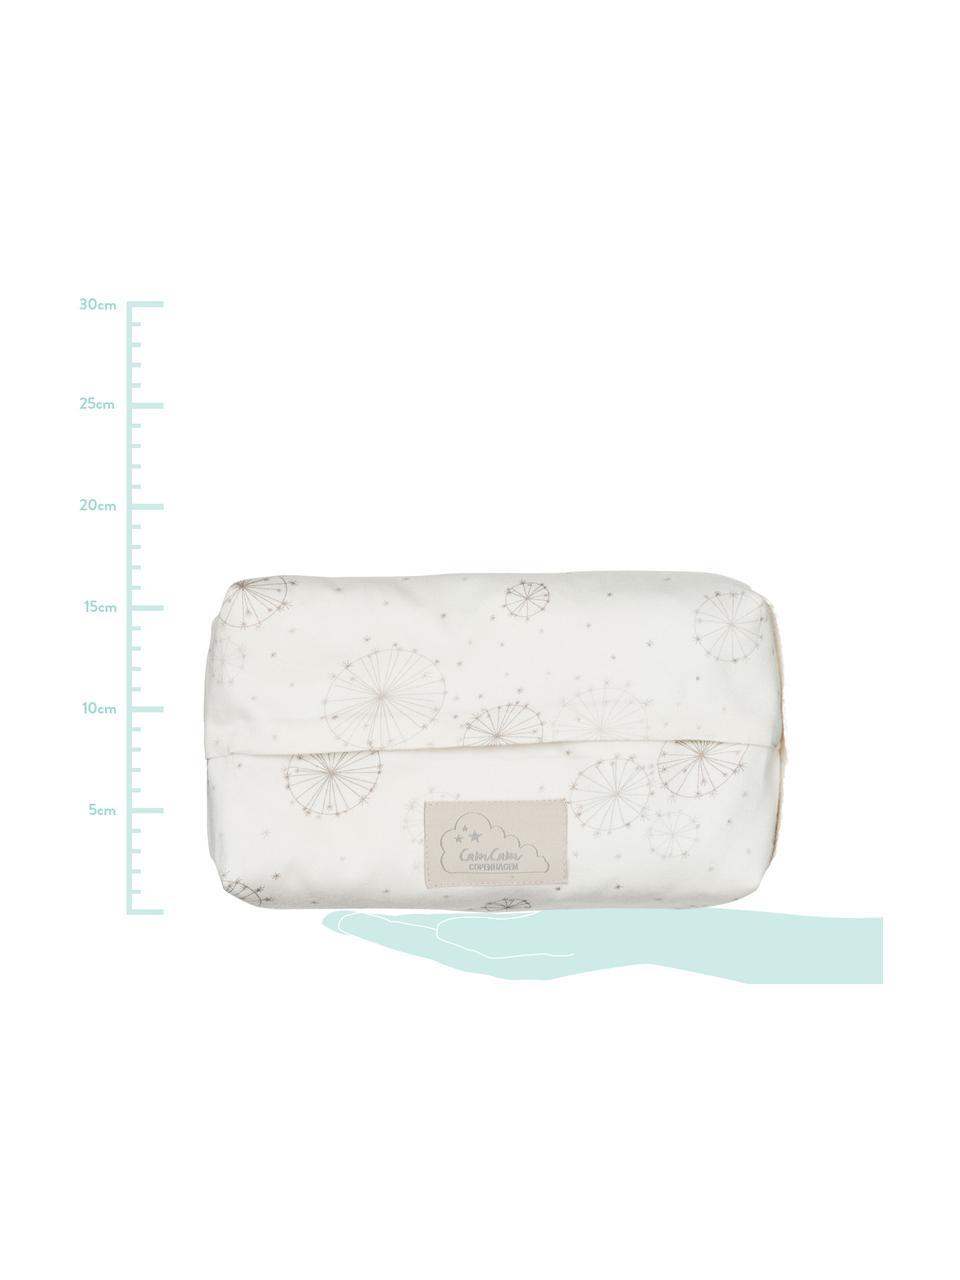 Feuchttücherbezug Dandelion aus Bio-Baumwolle, 100% Biobaumwolle, Creme, Beige, B 25 x T 17 cm